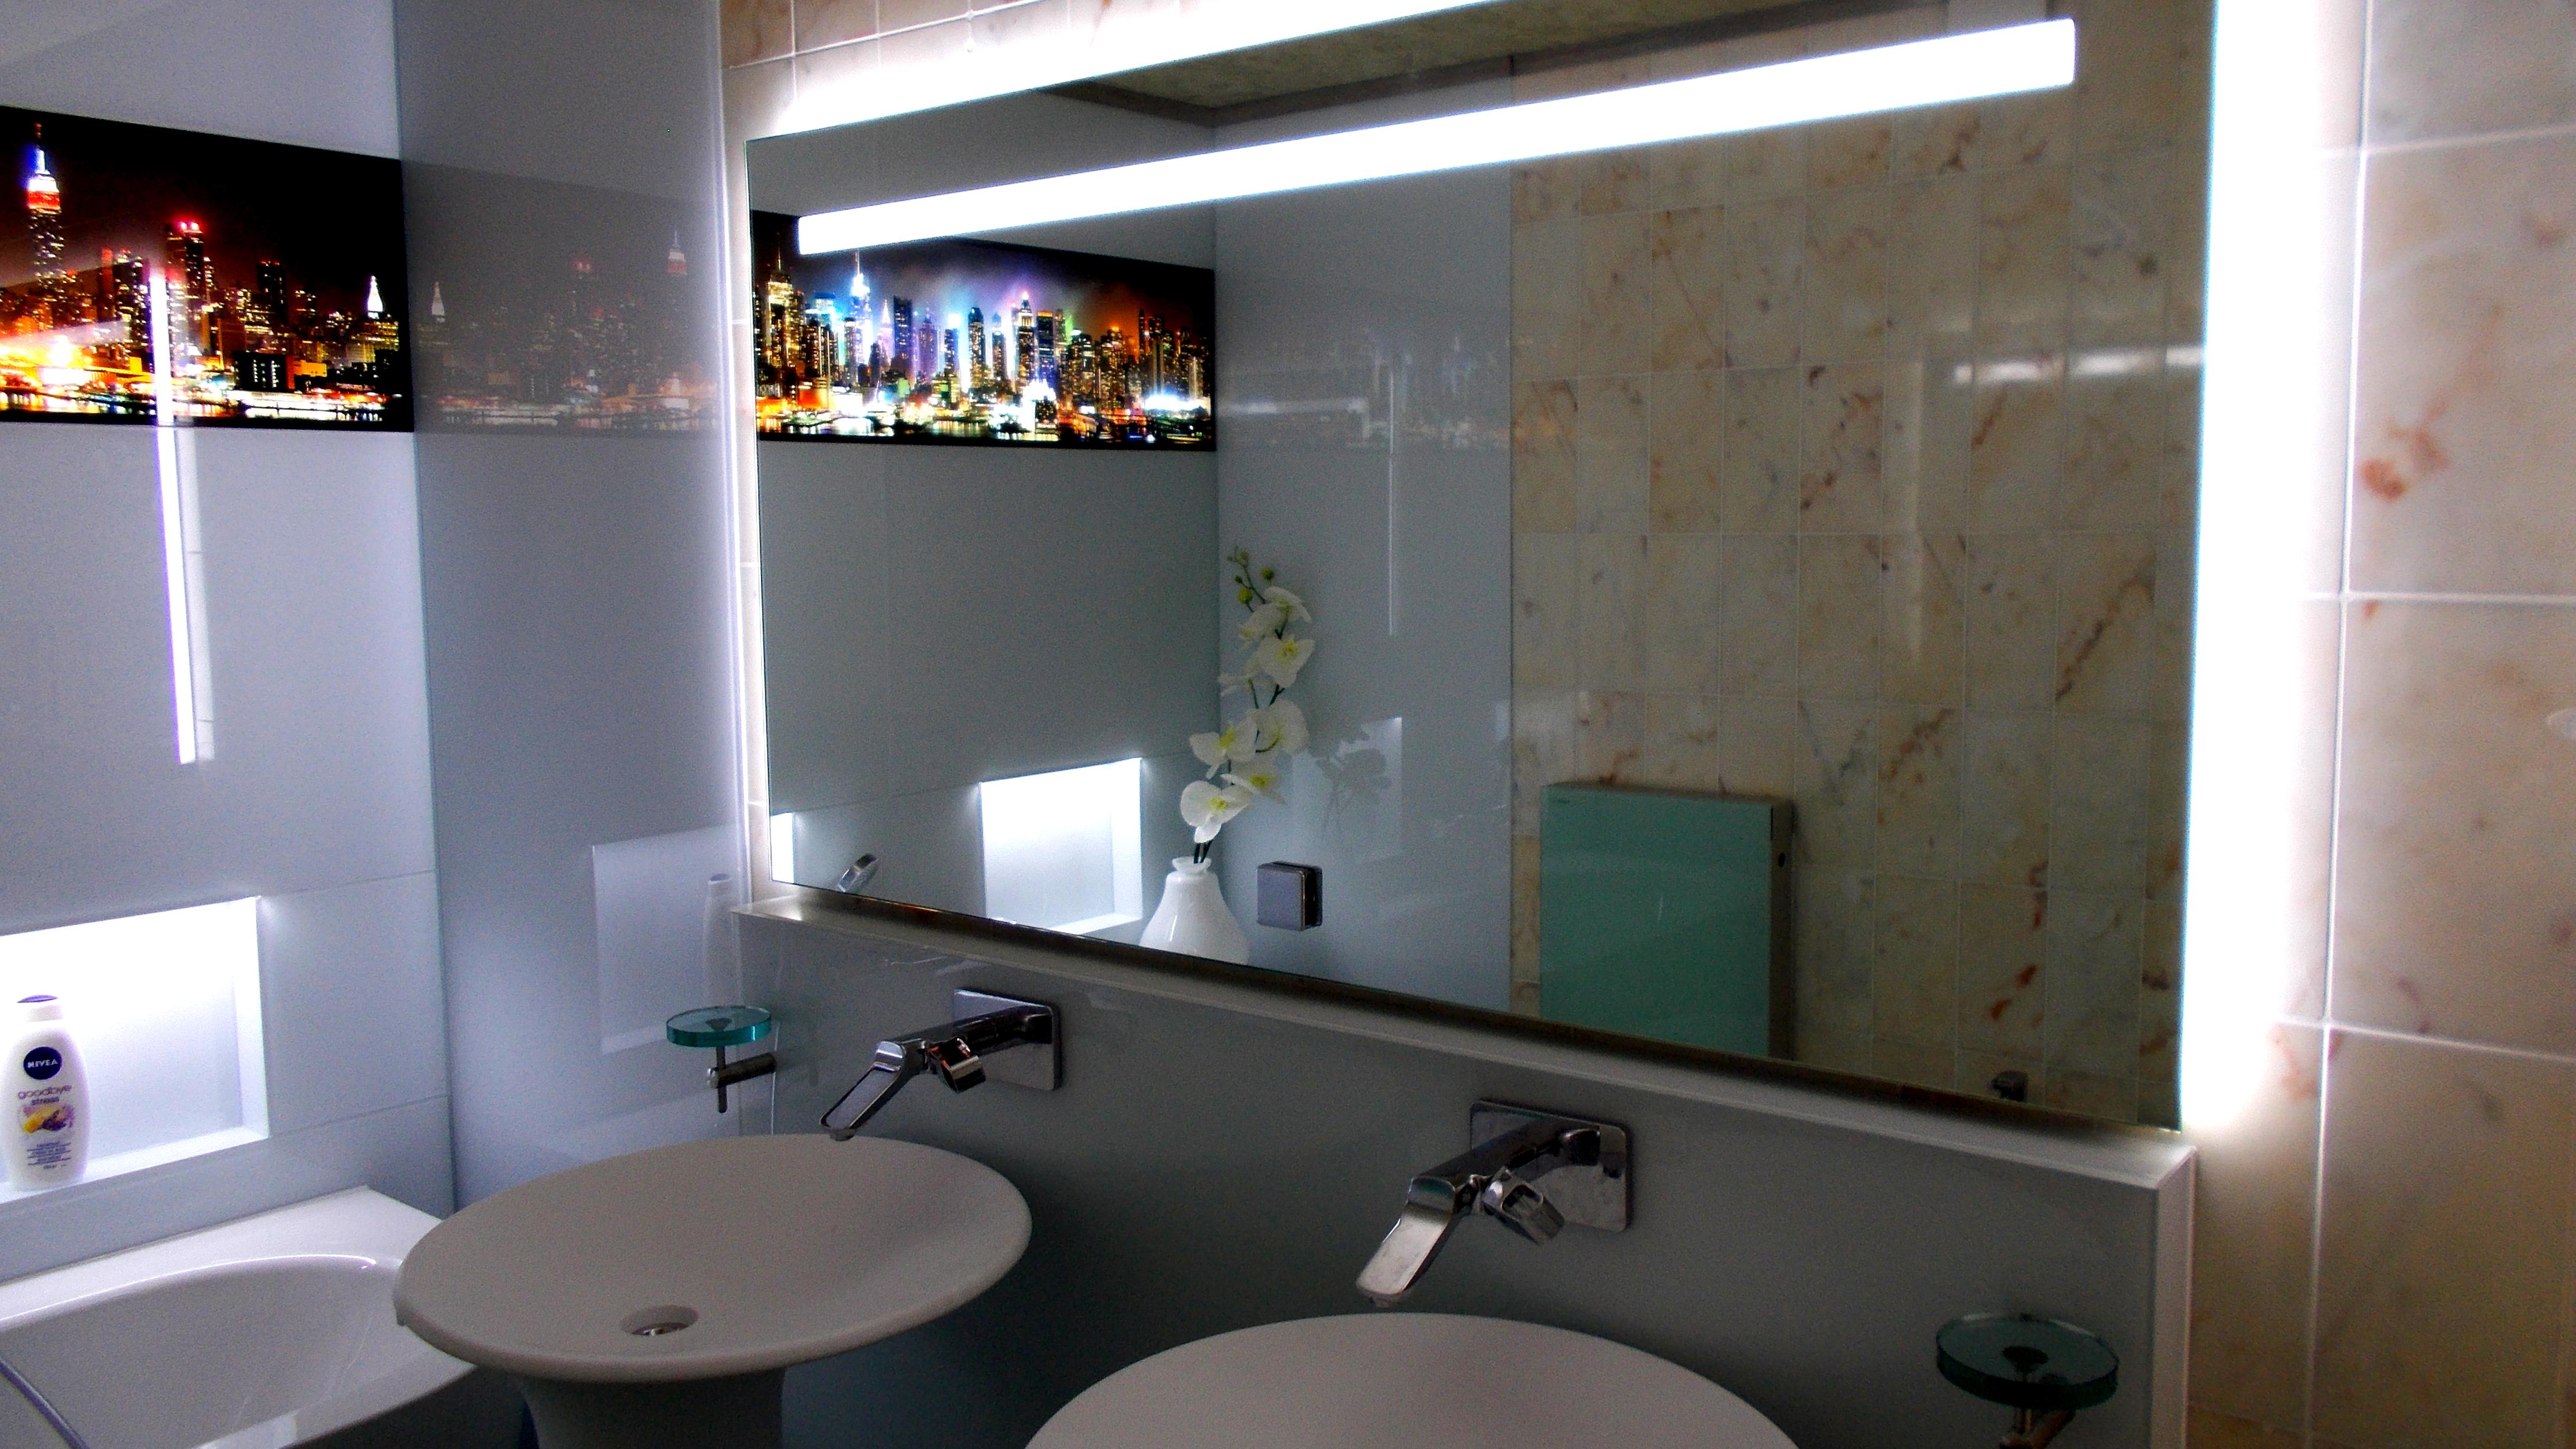 wedetherm ihr glasfachbetrieb in hannover und umgebung. Black Bedroom Furniture Sets. Home Design Ideas